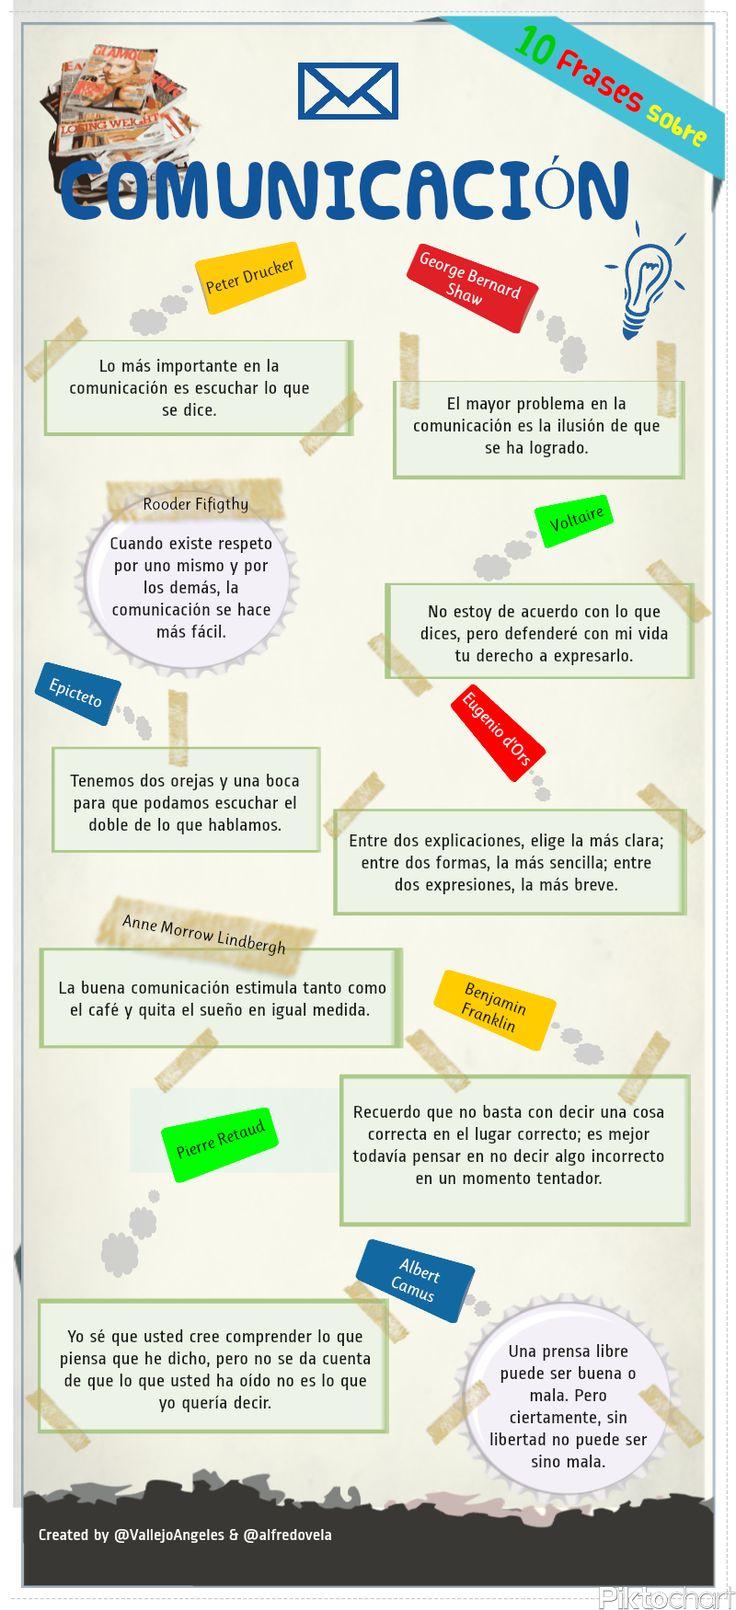 10 frases célebres sobre Comunicación #infografia #infographic #citas #quotes